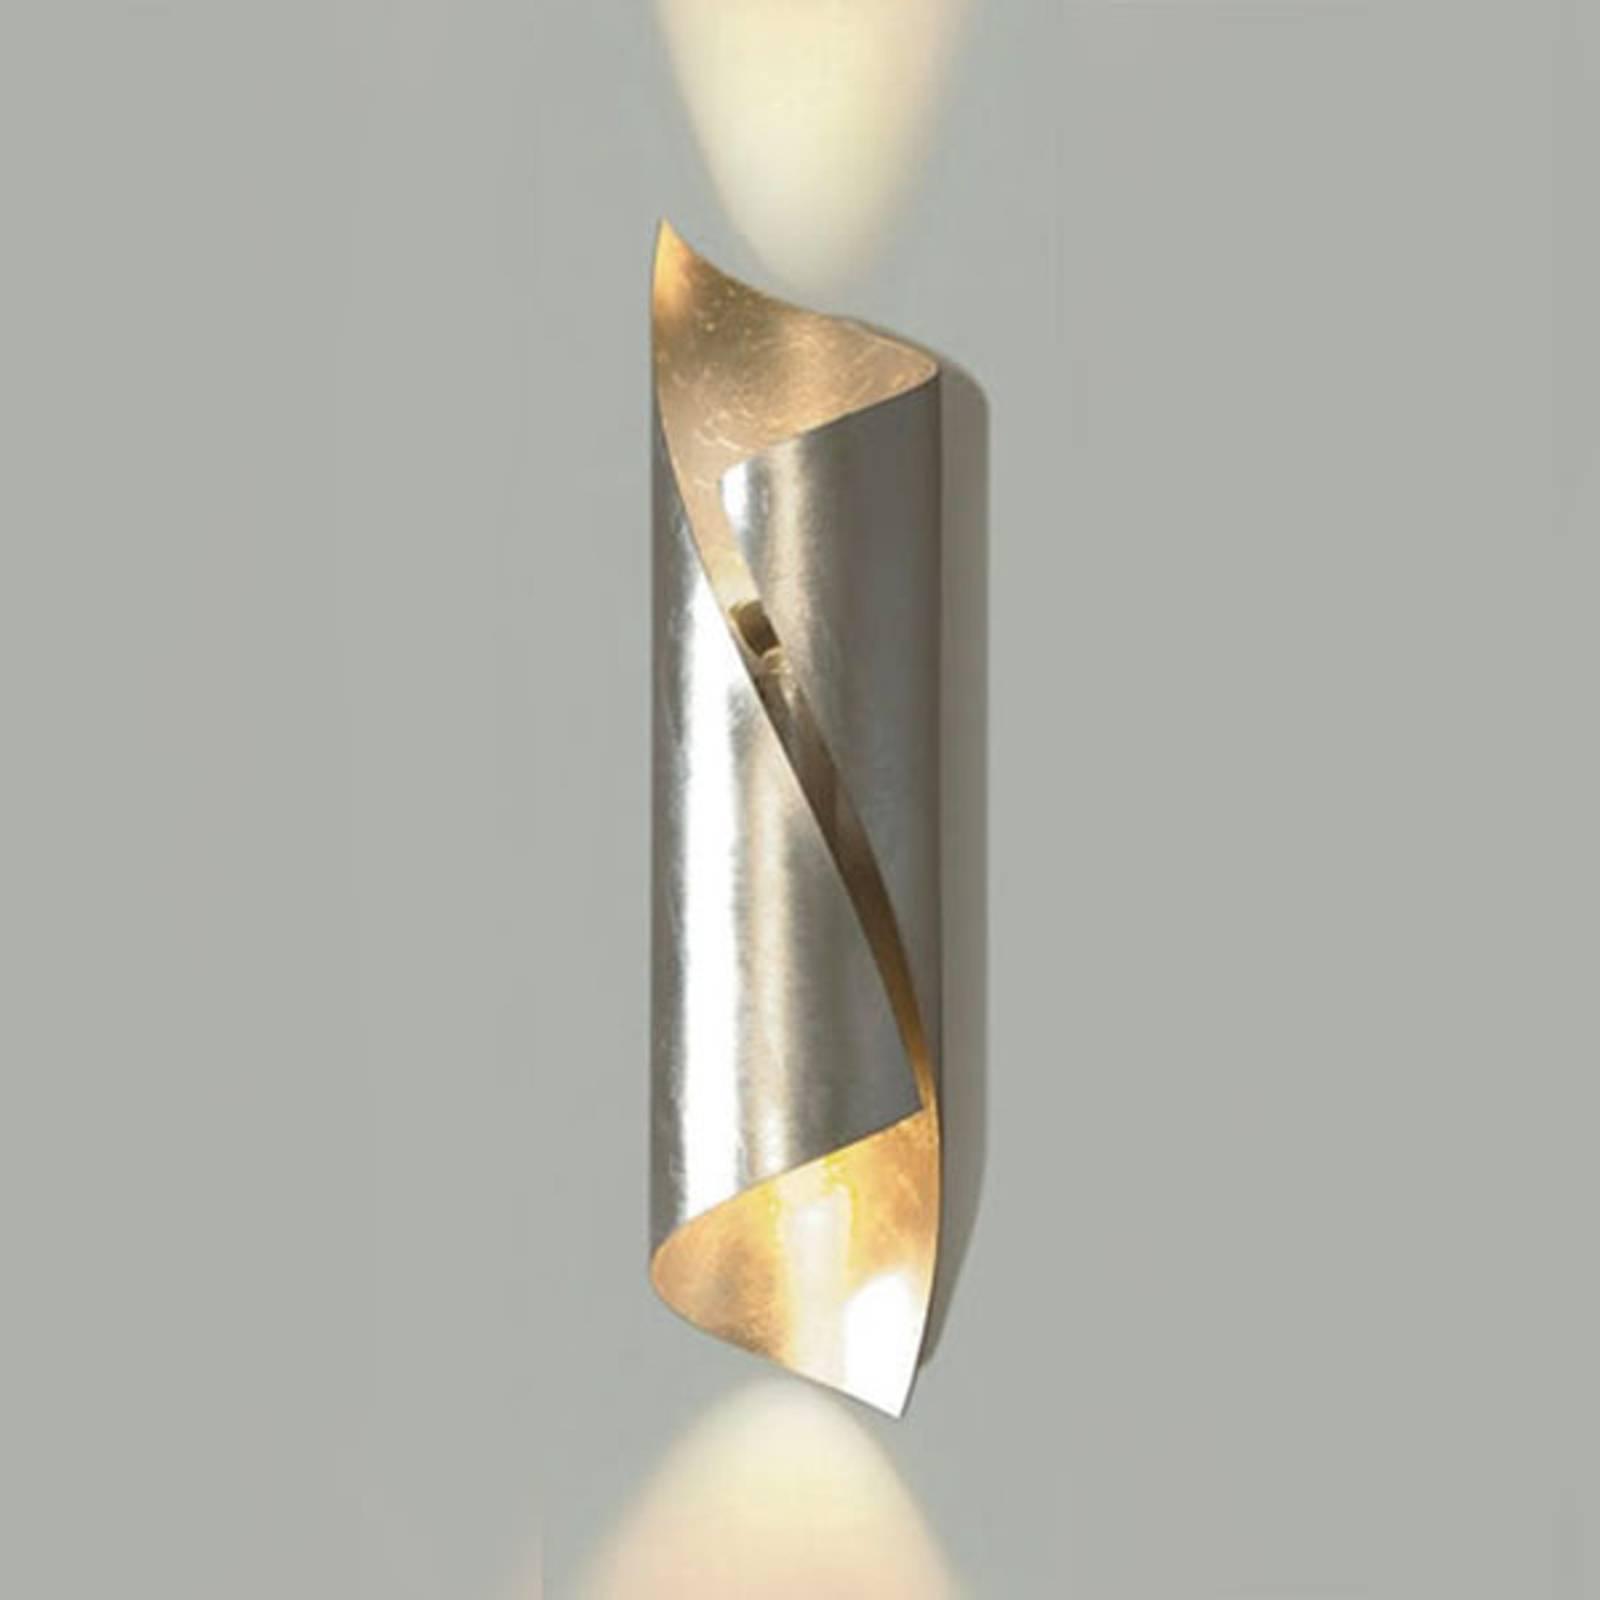 Knikerboker Hué applique alta 54 cm argento